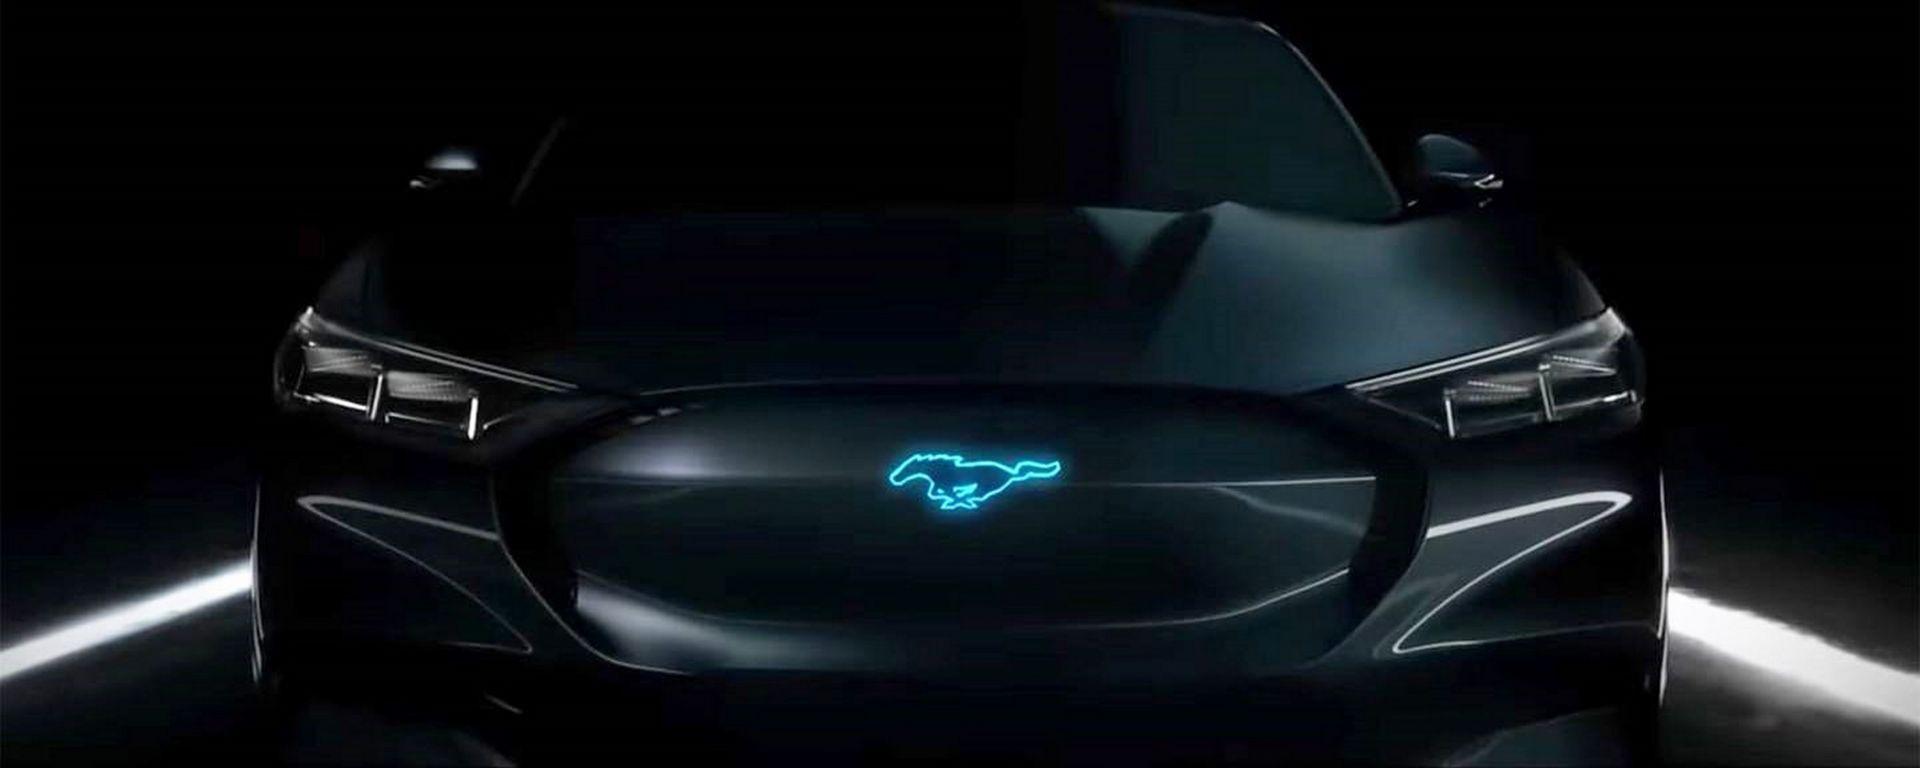 Novità Ford Mach E, il SUV elettrico, arriva ad aprile 2019